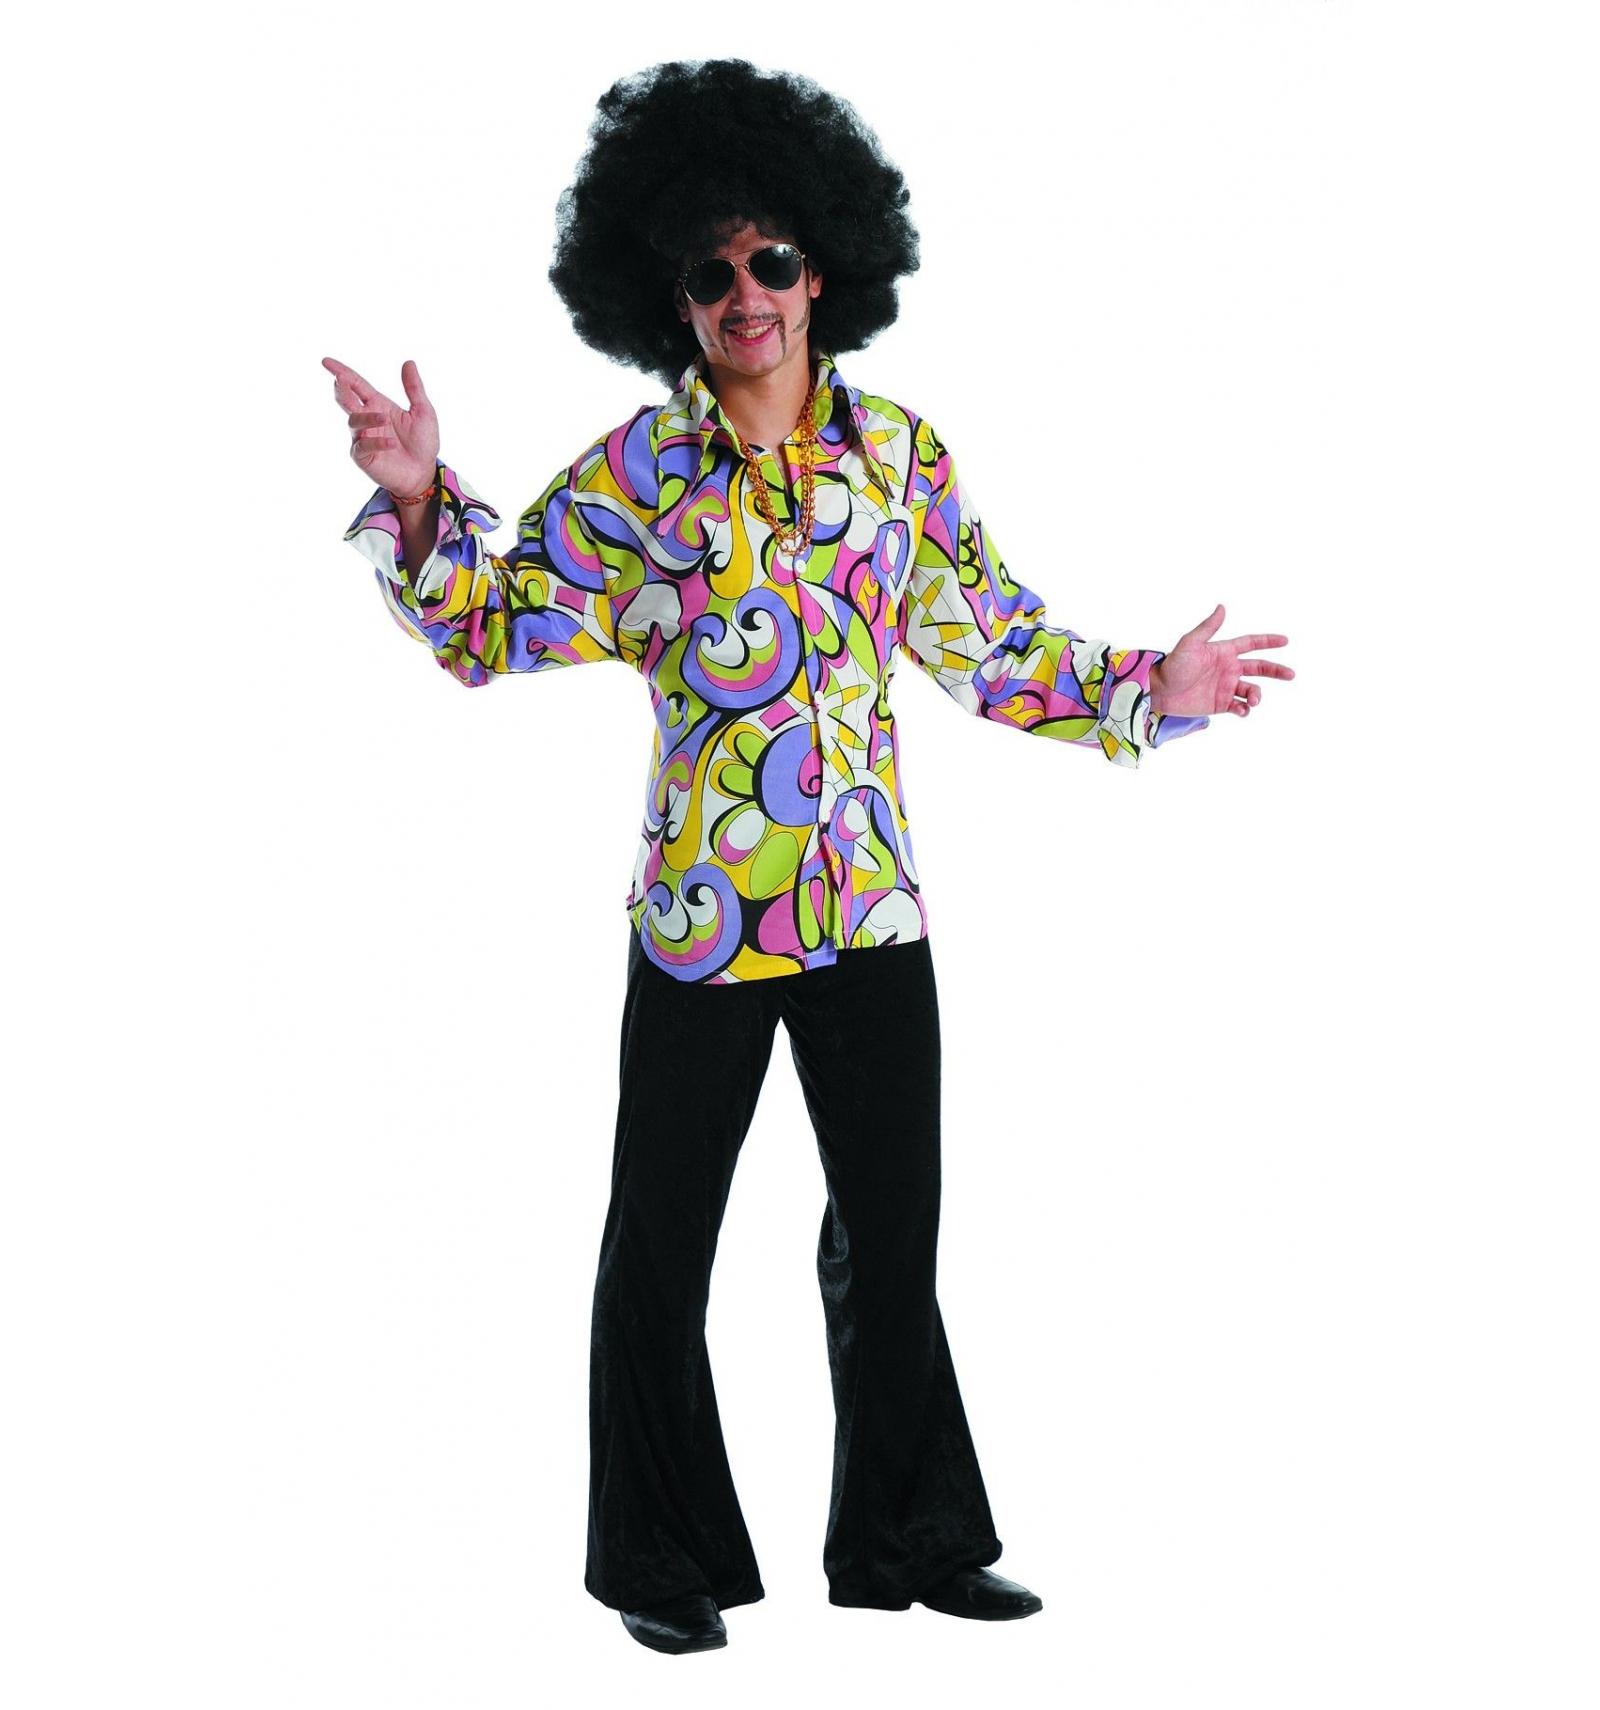 d guisement hippie ann es 70 homme t xxl votre magasin de costumes en ligne. Black Bedroom Furniture Sets. Home Design Ideas